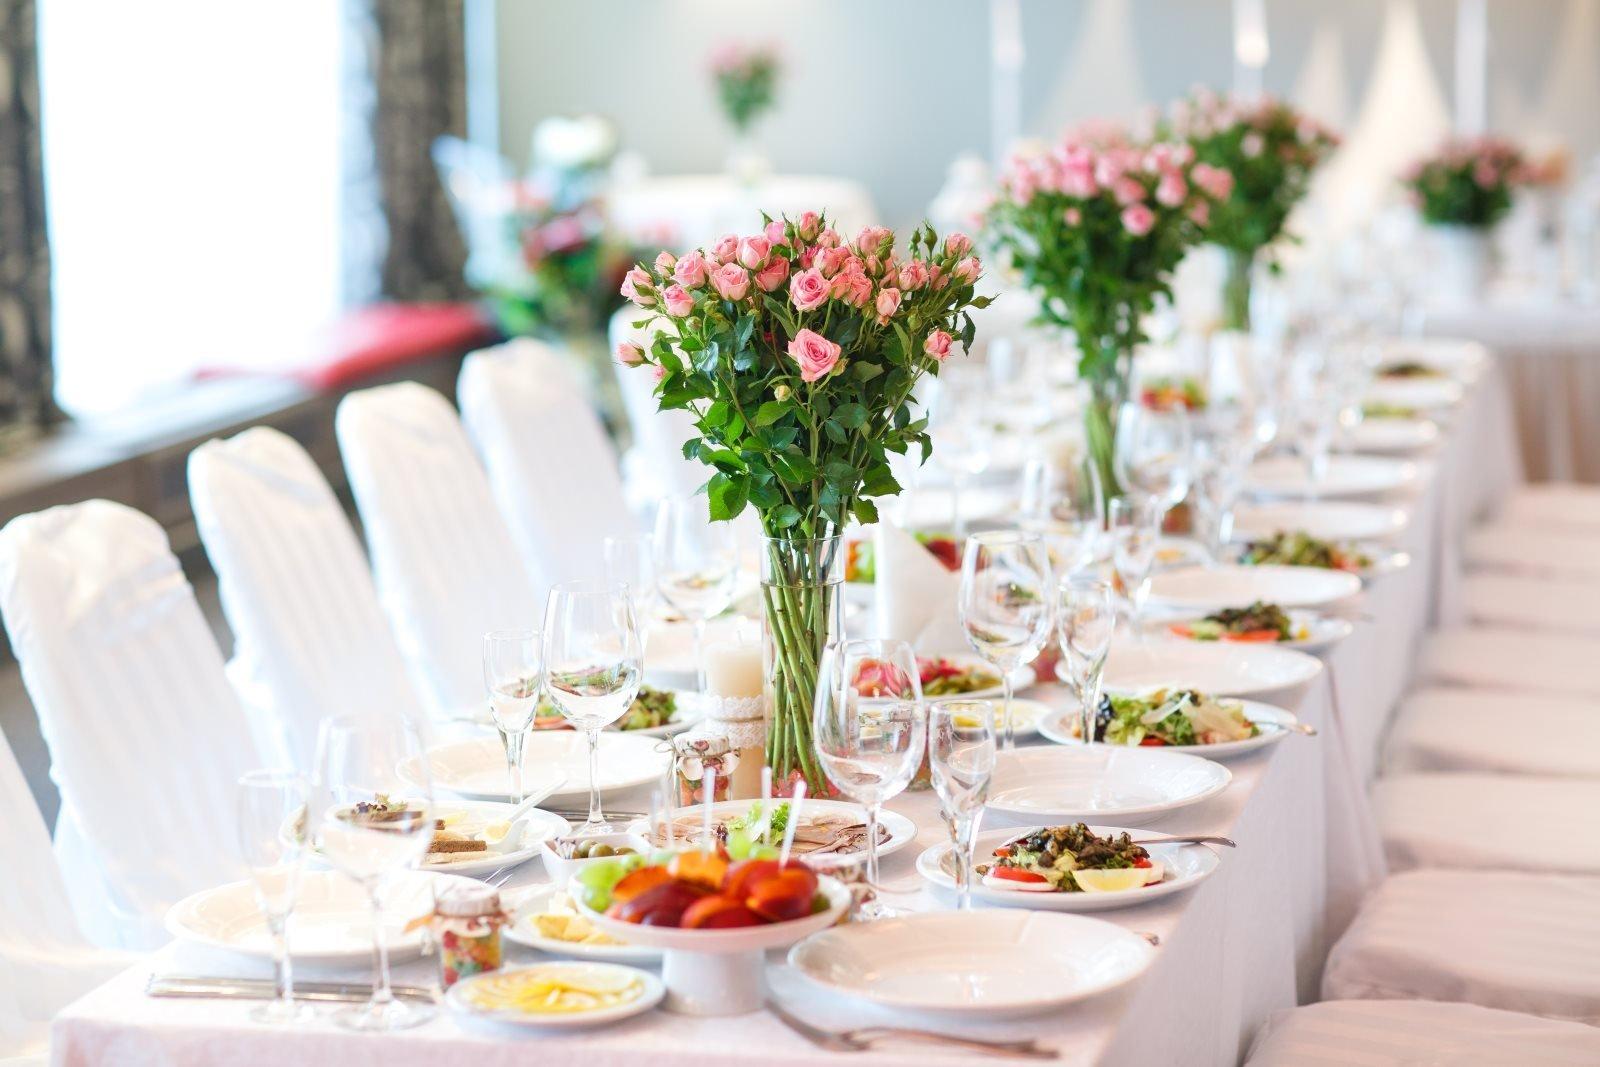 tavolo per la cena al matrimonio